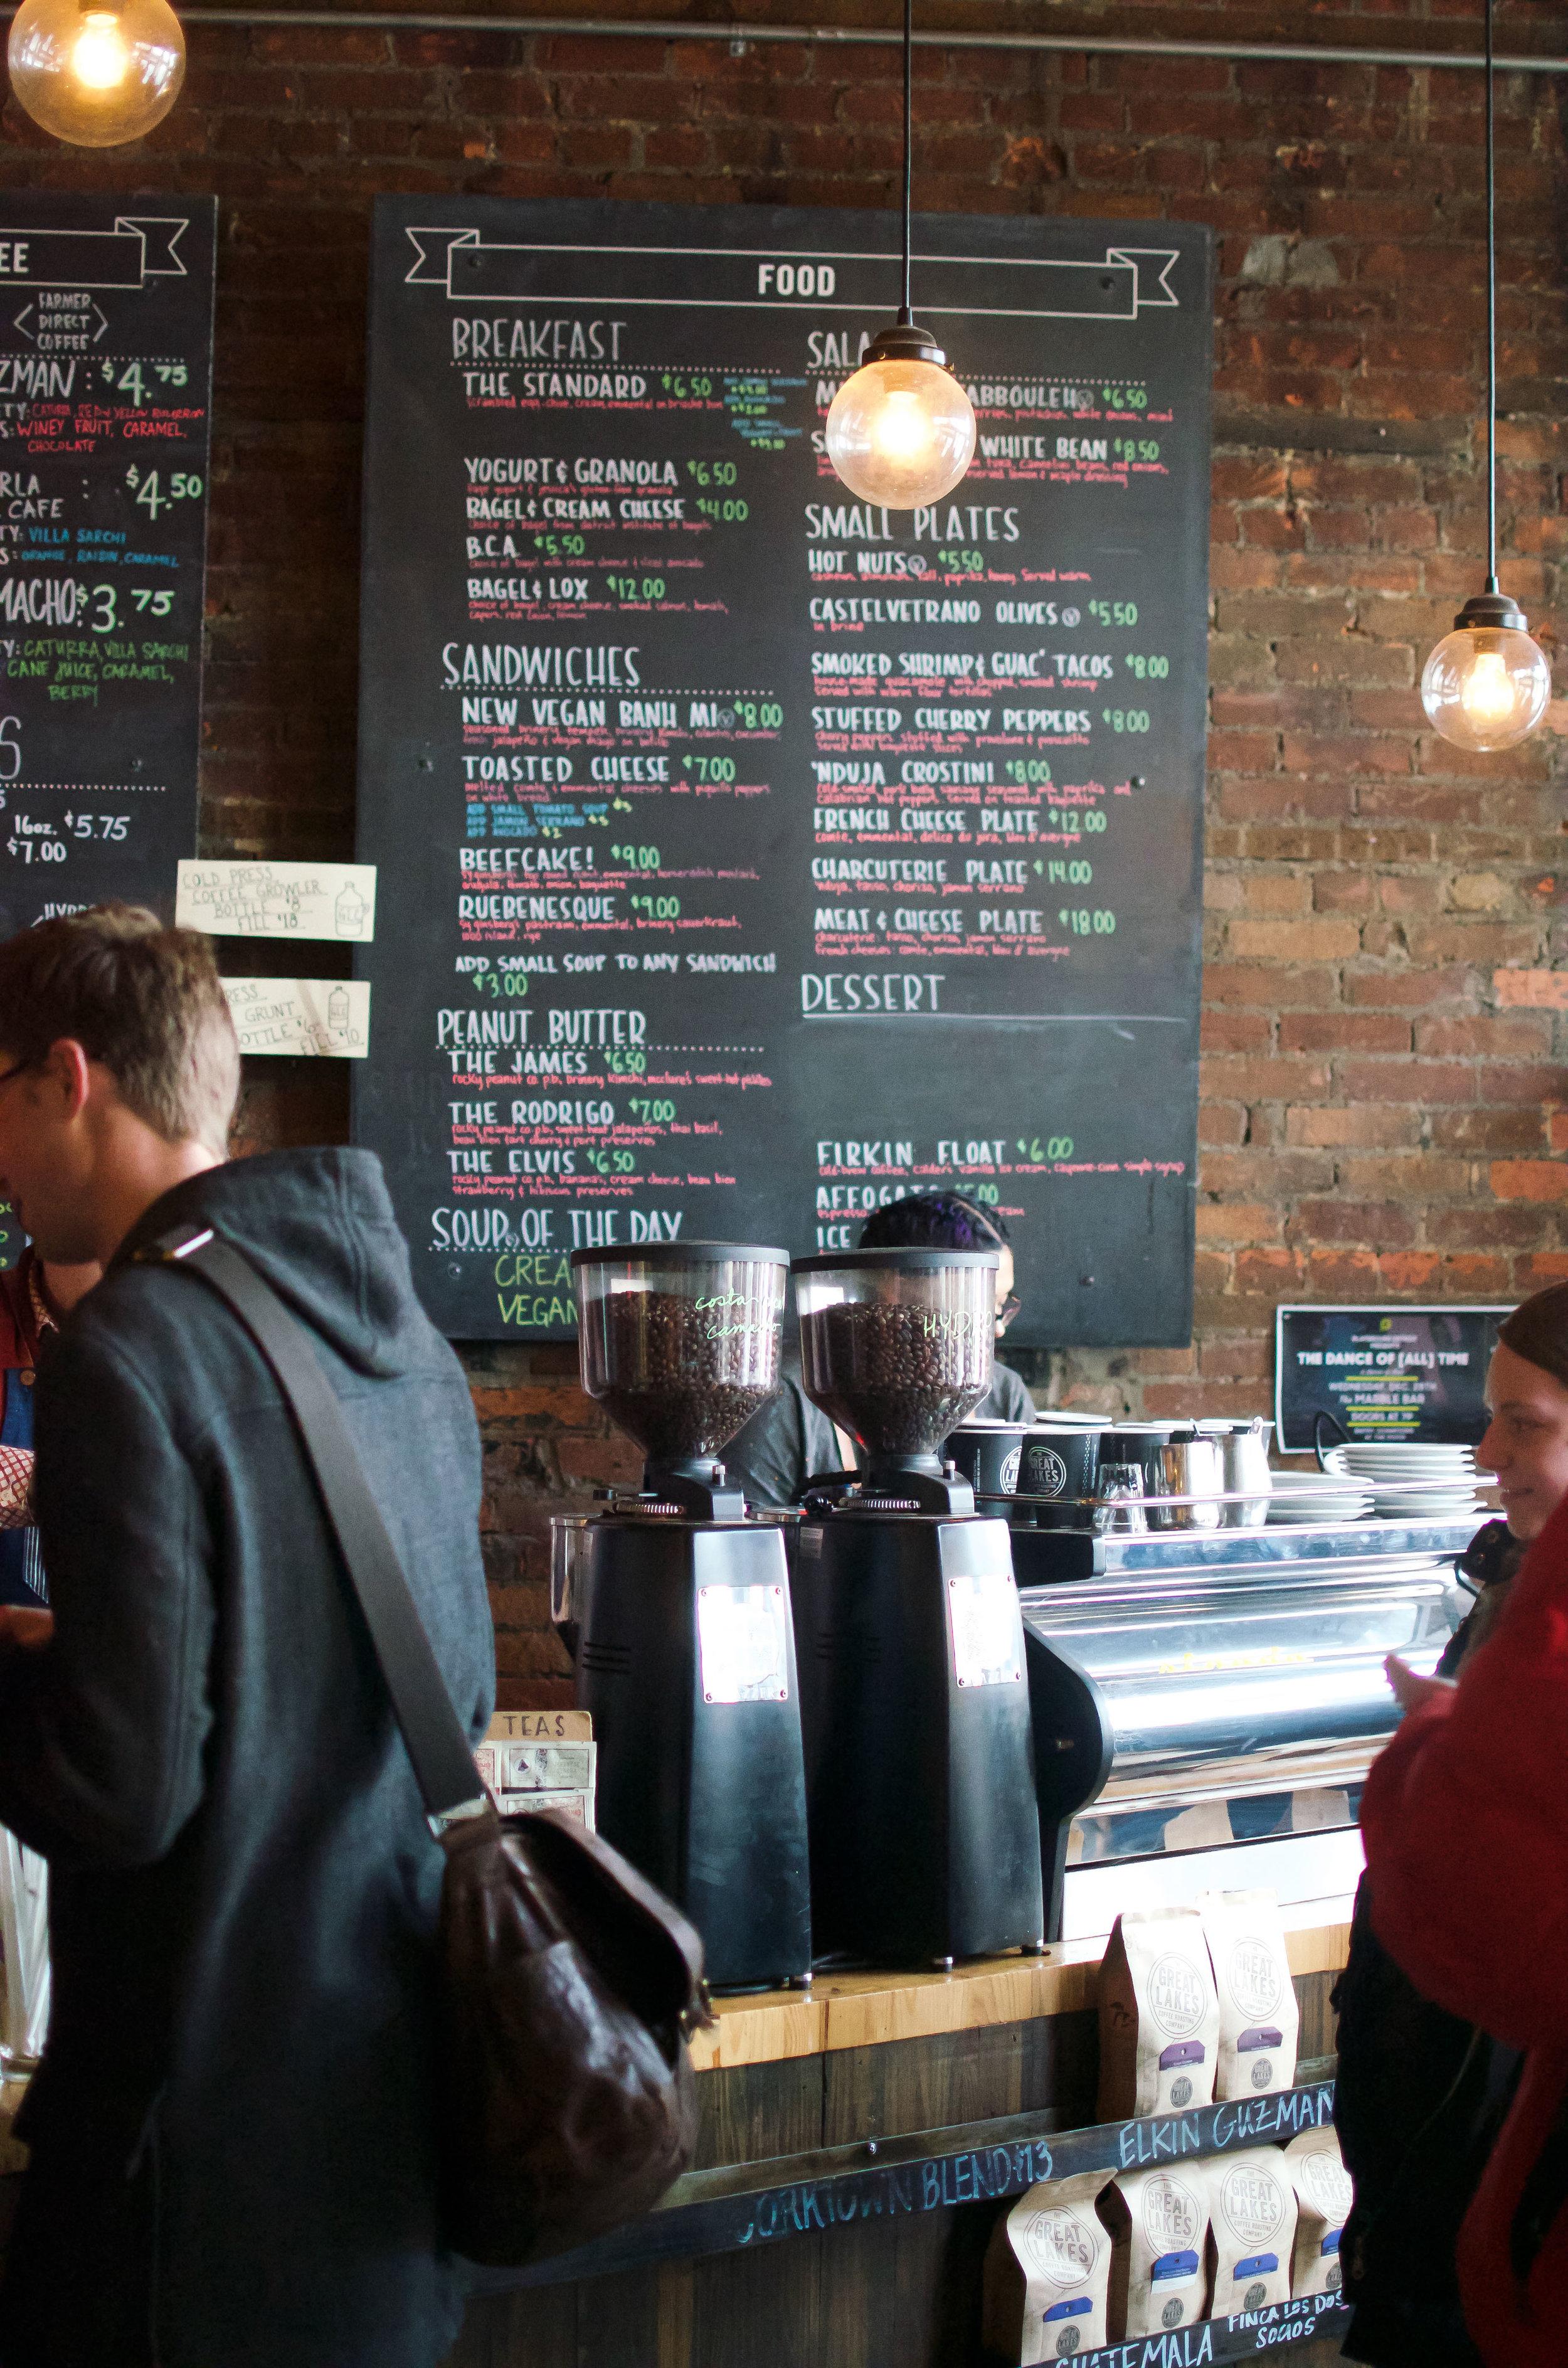 Wendling_Boyd_Coffee_Guide_Great_Lakes_Coffee_Detroit-3.jpg